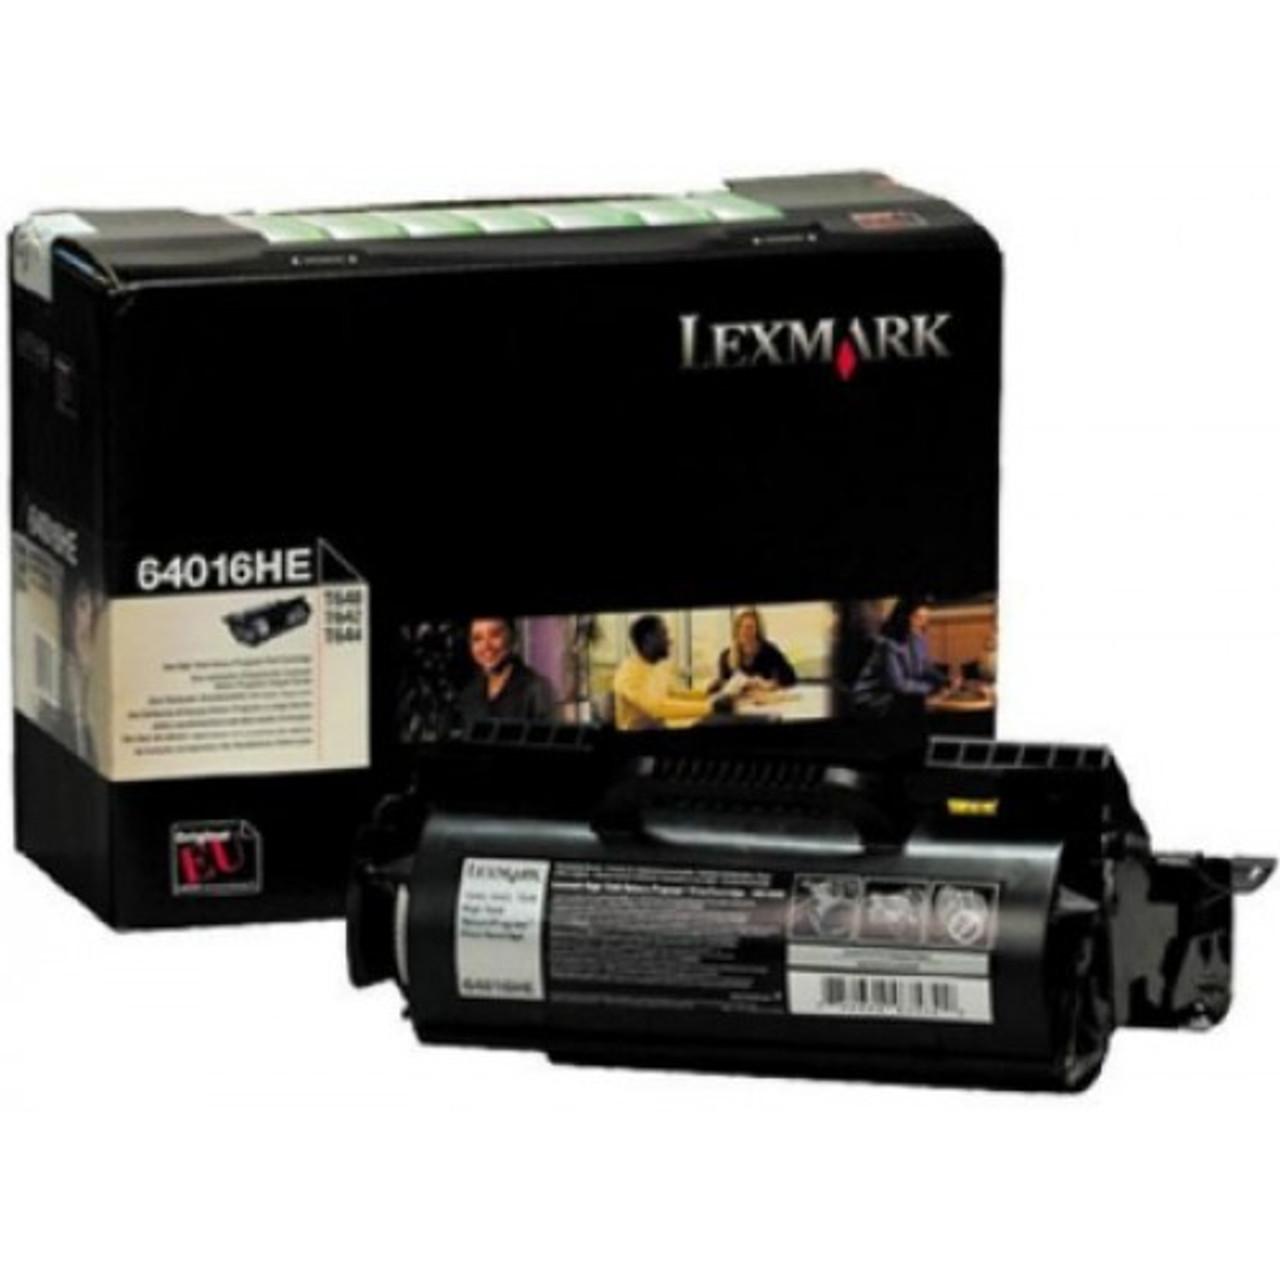 High Capacity Lexmark  64016he Original Black Toner Cartridge (0064016he Laser Printer Toner Cartridge)